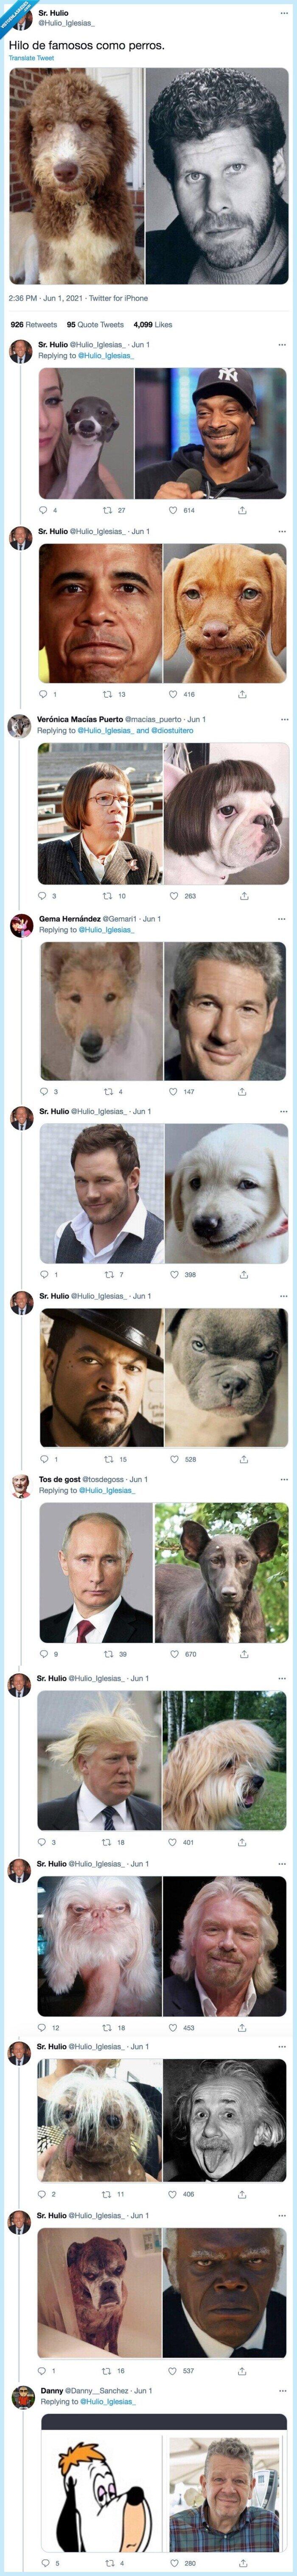 famosos,hilo,iguales,parecidos razonables,perros